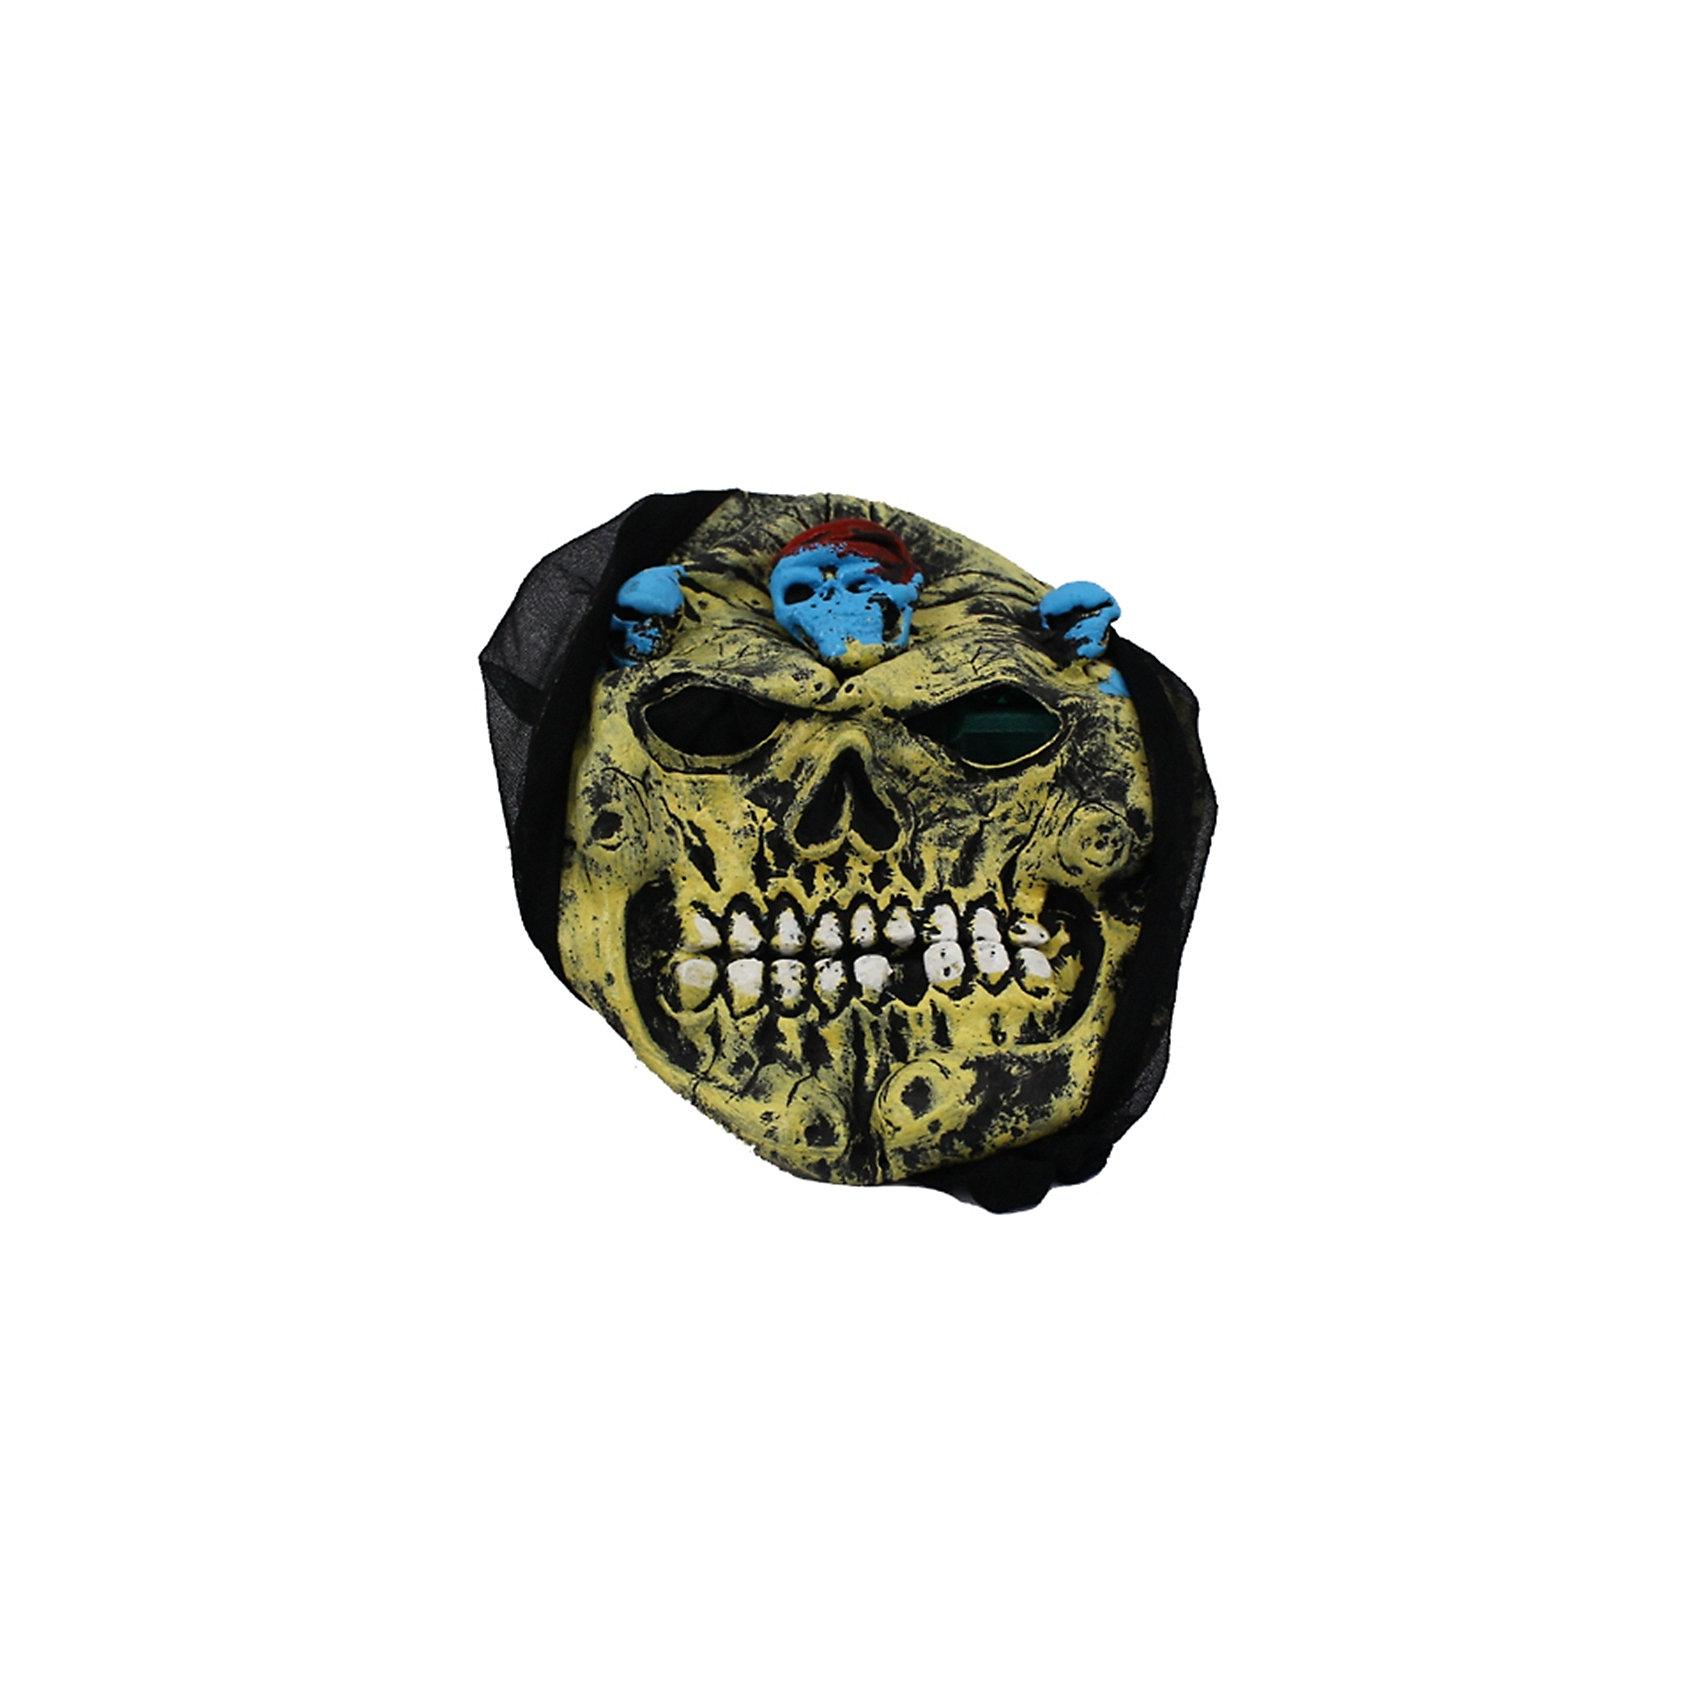 Карнавальная маска Череп, хакиСюжетно-ролевые игры<br>Карнавальная маска Череп, хаки — это детализированный элемент карнавального костюма, представляющий собой маску, которая вызовет настоящий восторг у всех юных поклонников преображения. Маска очень практичная, ваш ребенок всё увидит через глазницы существа. Если у него будет костюм в едином стиле с маской, то приз на любом конкурсе костюмов ему обеспечен. Эти маски могут понравится как девочкам, так и мальчикам, ведь все дети хотят хоть раз побыть на стороне чудовища.<br><br>Ширина мм: 195<br>Глубина мм: 20<br>Высота мм: 265<br>Вес г: 100<br>Возраст от месяцев: 72<br>Возраст до месяцев: 192<br>Пол: Мужской<br>Возраст: Детский<br>SKU: 4767388